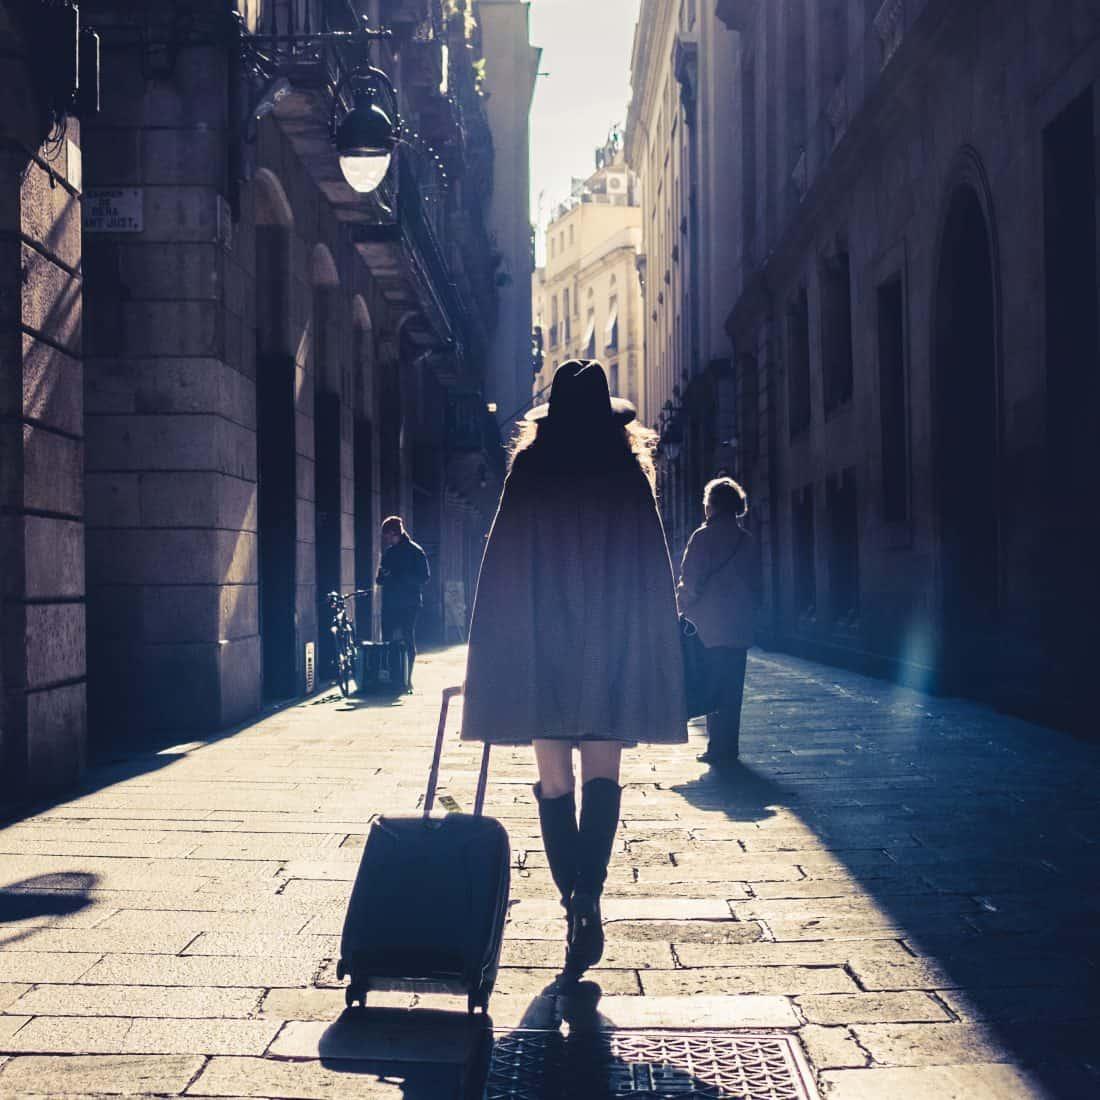 becoming an expat